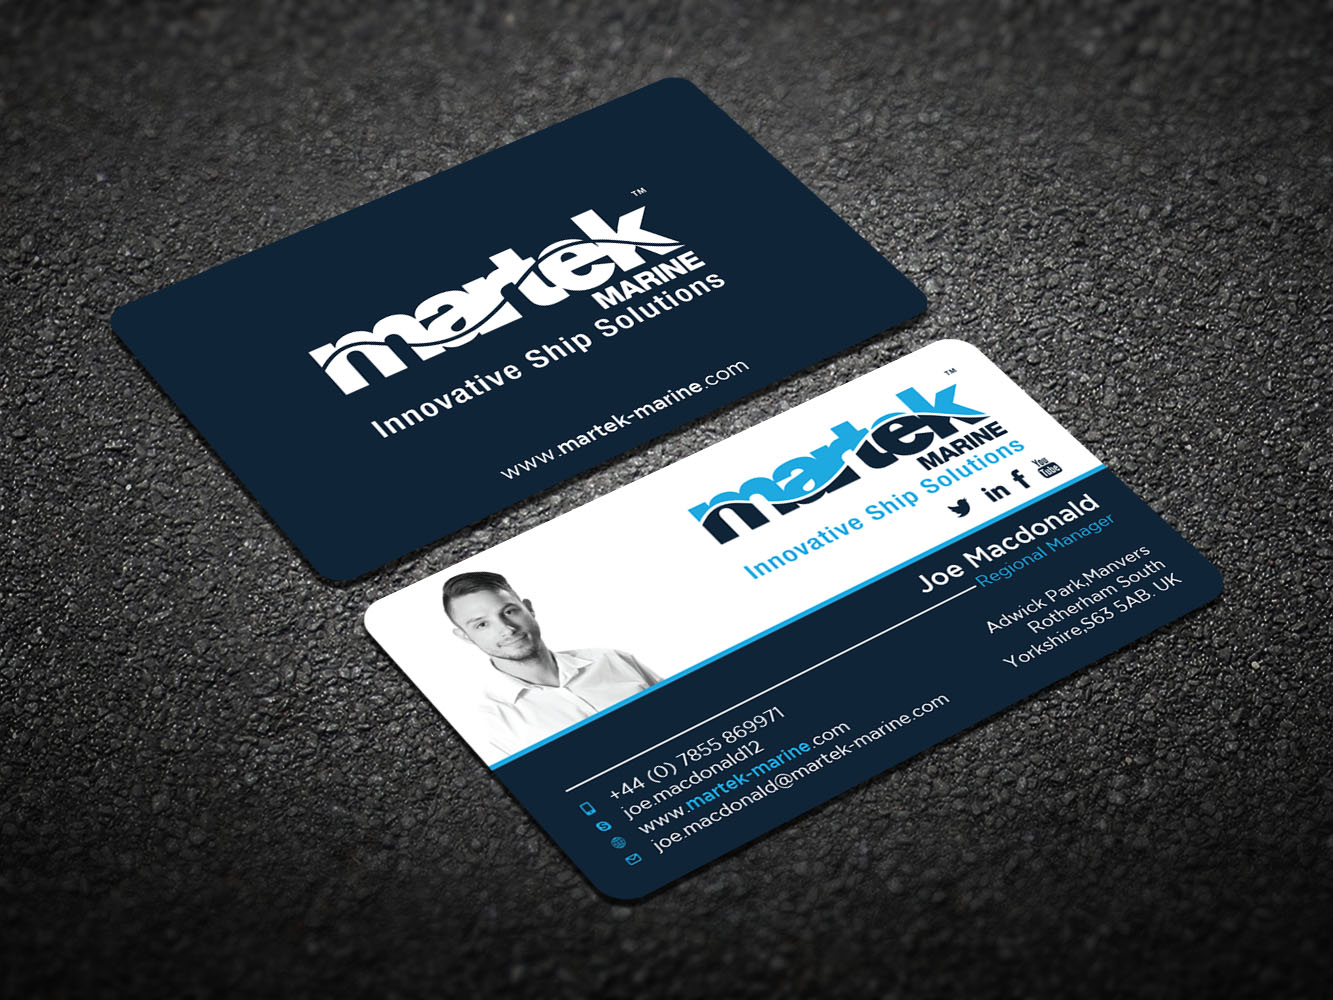 Elegant playful business business card design for martek marine by business card design by design xeneration for martek marine design 12768008 reheart Choice Image